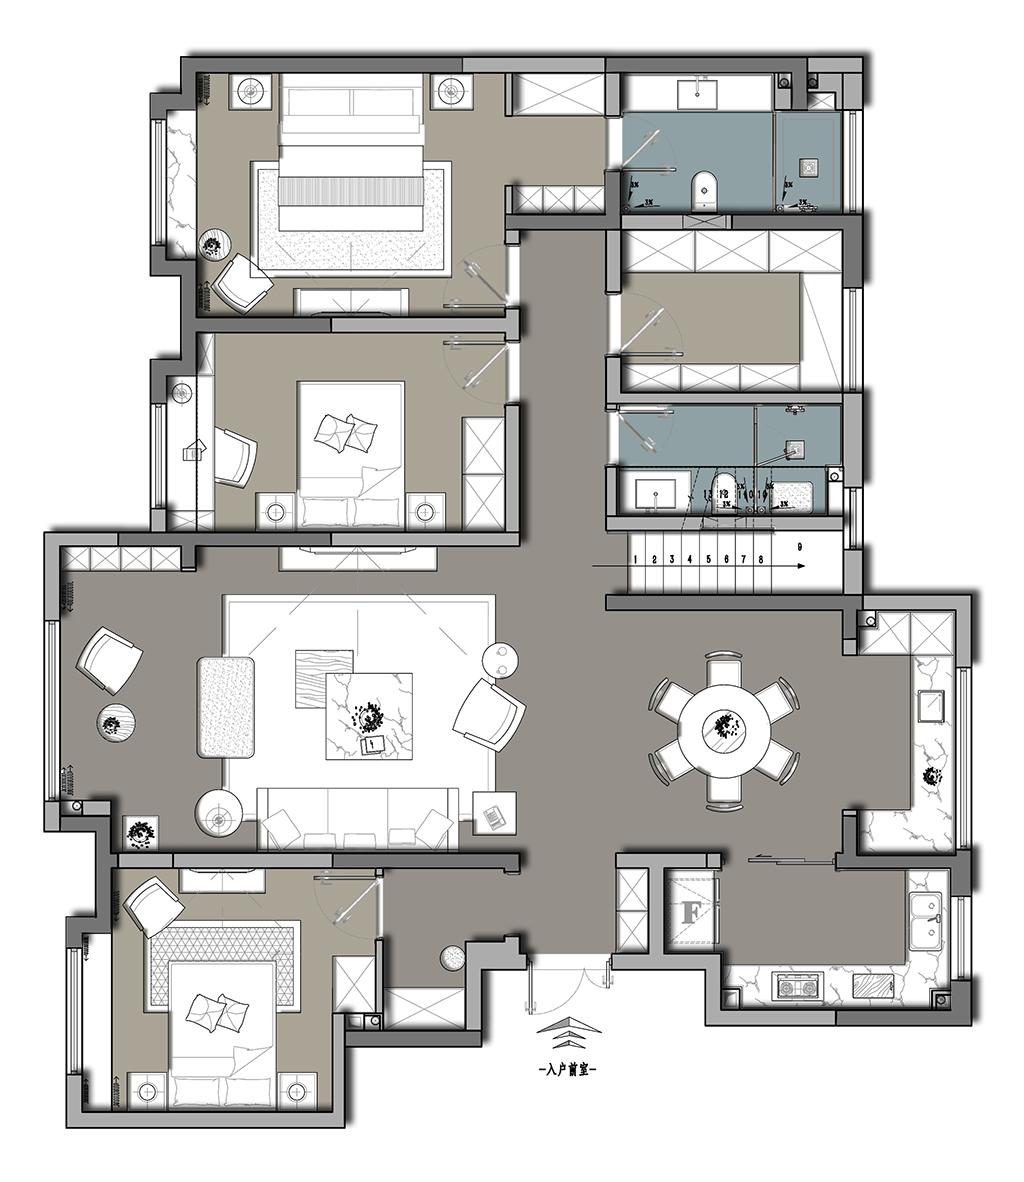 自然界云栖 现代简约装修效果图 复式 212m² 设计师黄小平装修设计理念